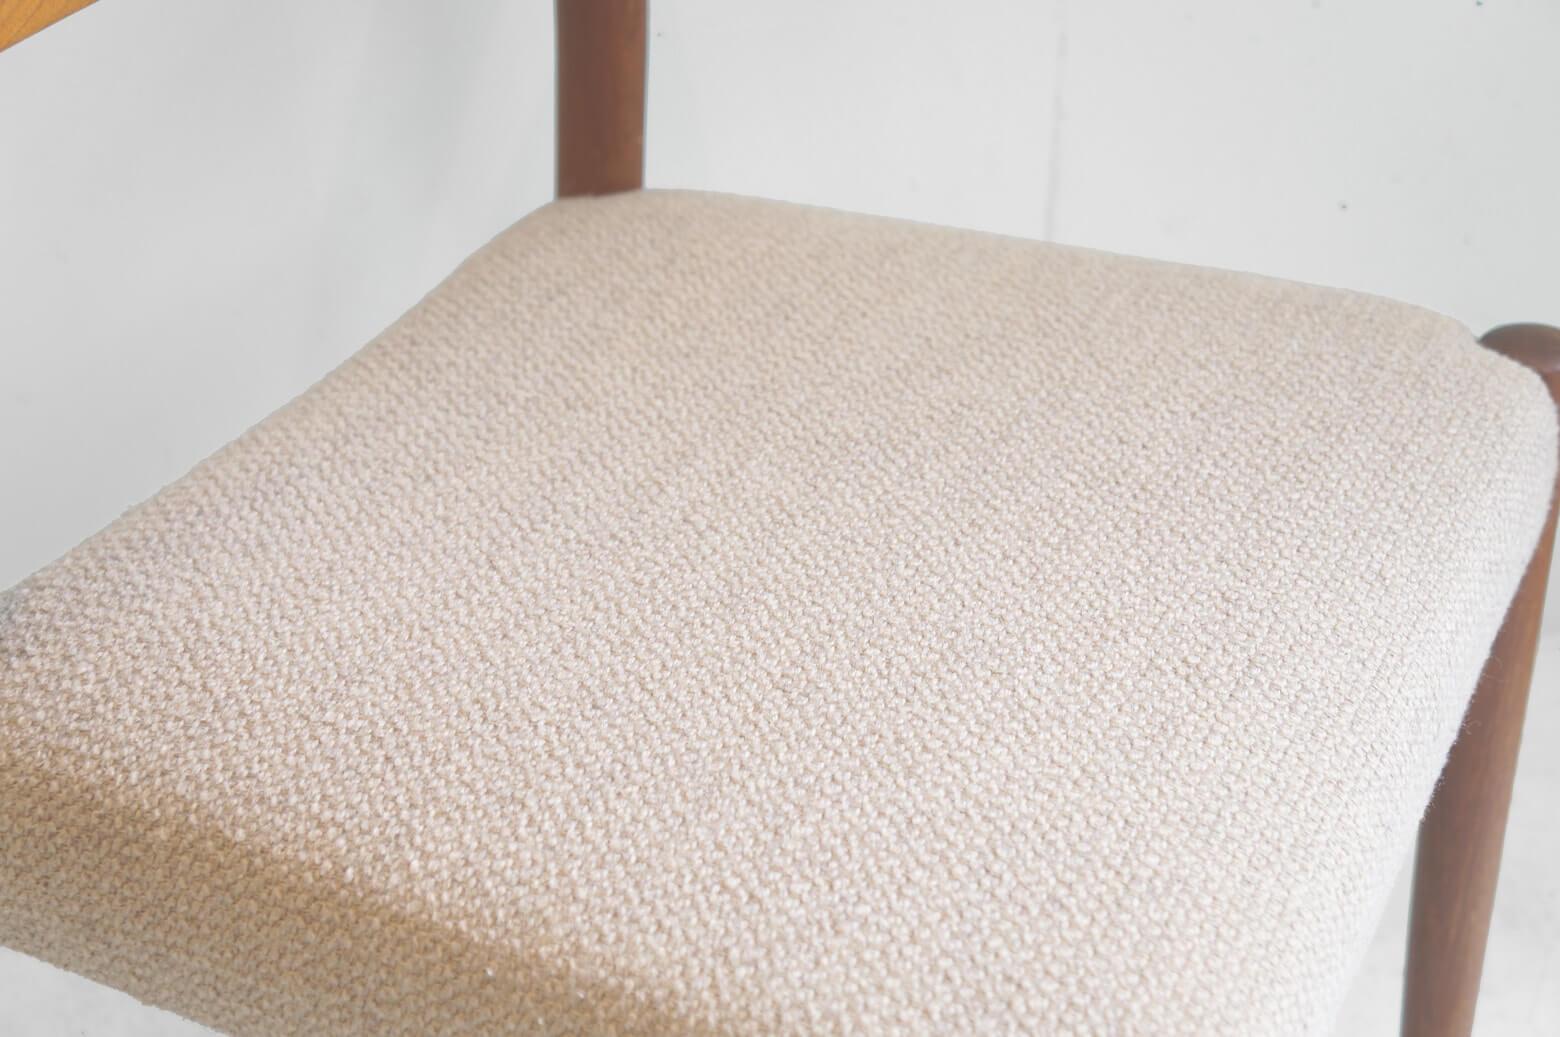 Aobayashi Seisakujo Teakwood Dining Chair/青林製作所 チーク材 ダイニングチェア 2